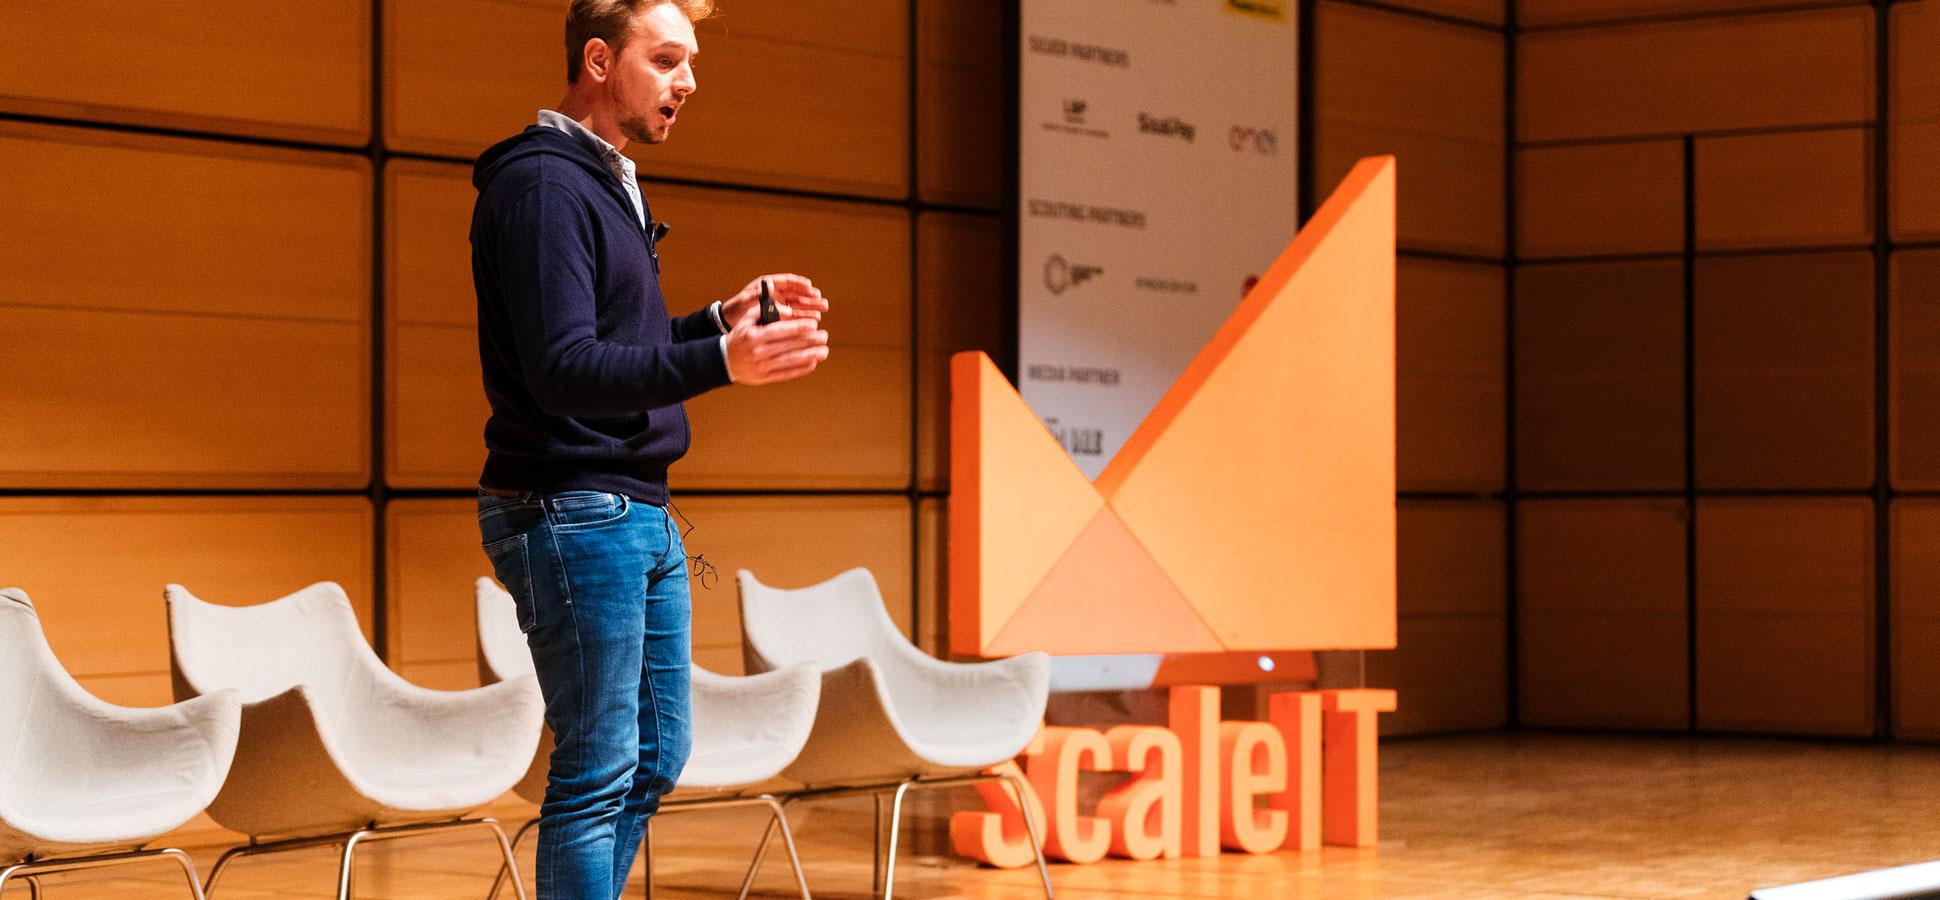 ScaleIT pubblica il nuovo Osservatorio sugli investimenti Venture Capital thumbnail